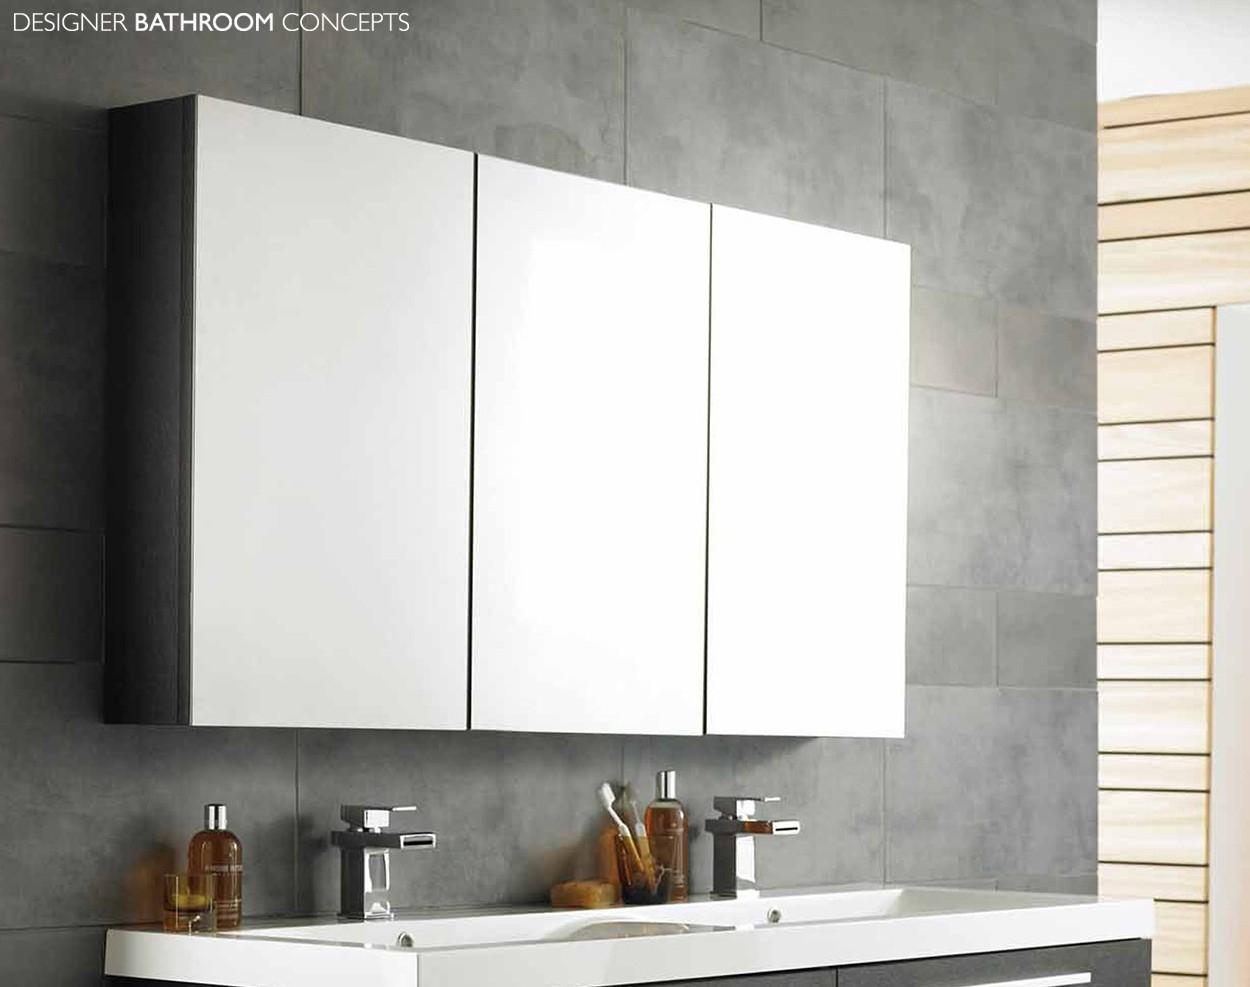 Large Bathroom Mirror With Medicine Cabinet